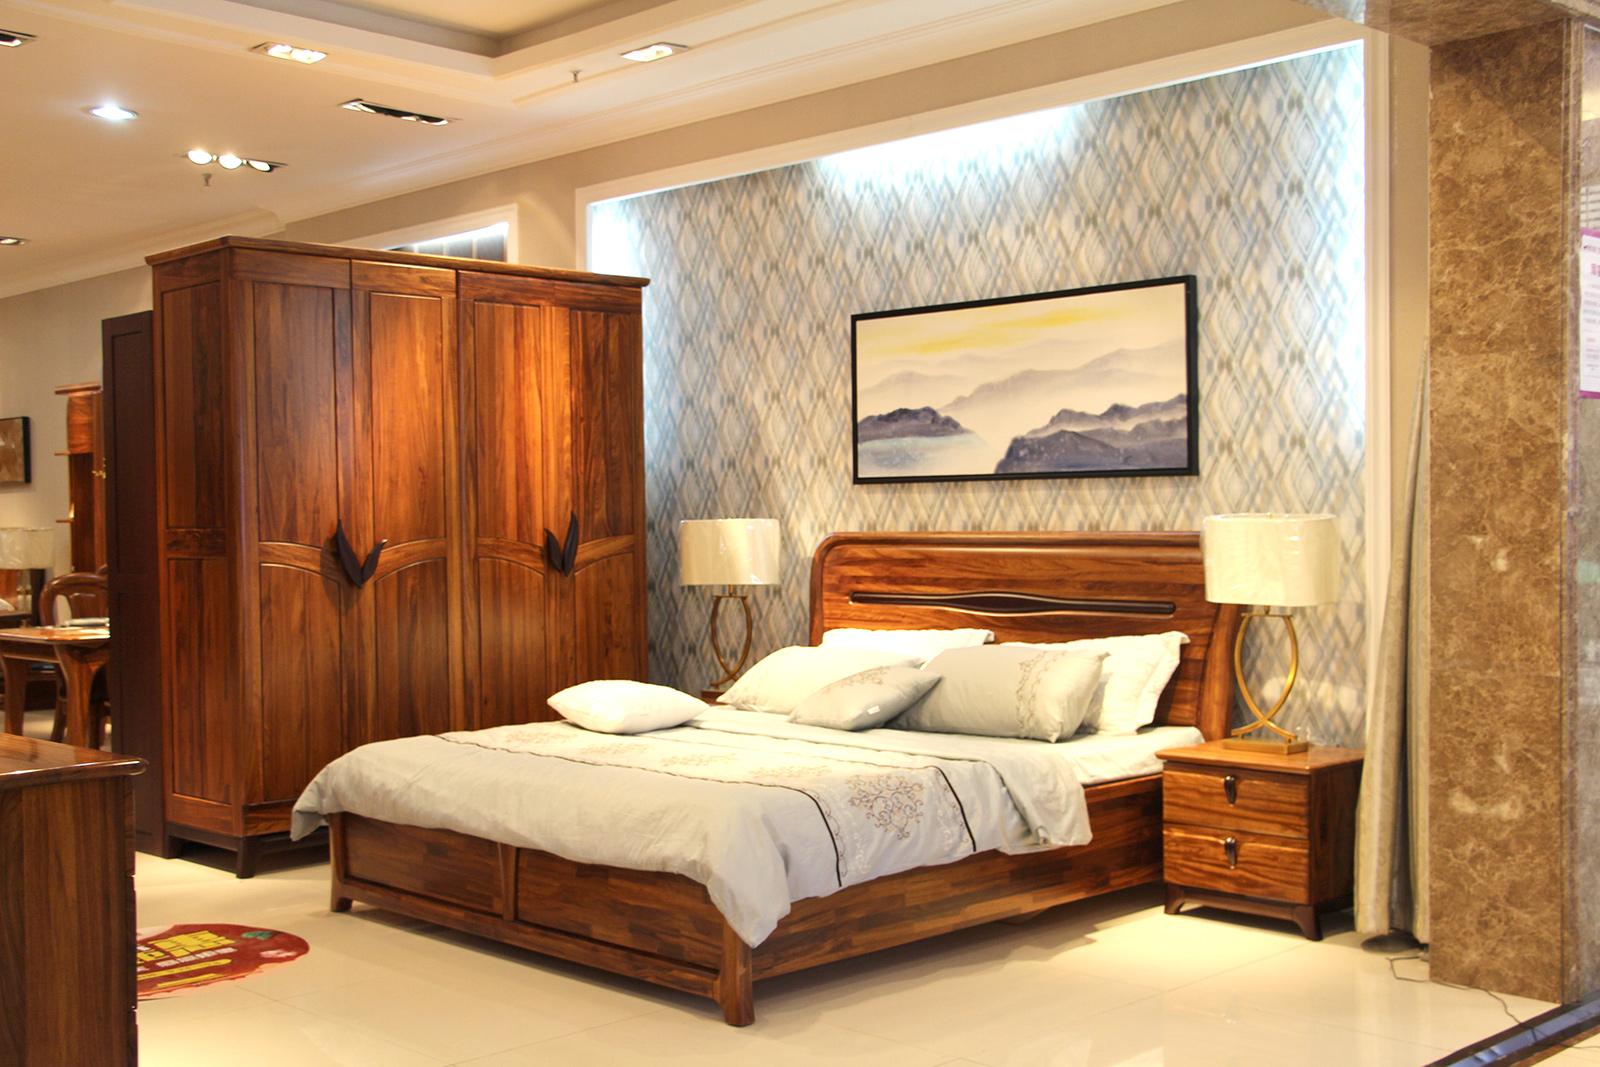 世纪腾达乌金木卧室家具 打造雅致北欧风